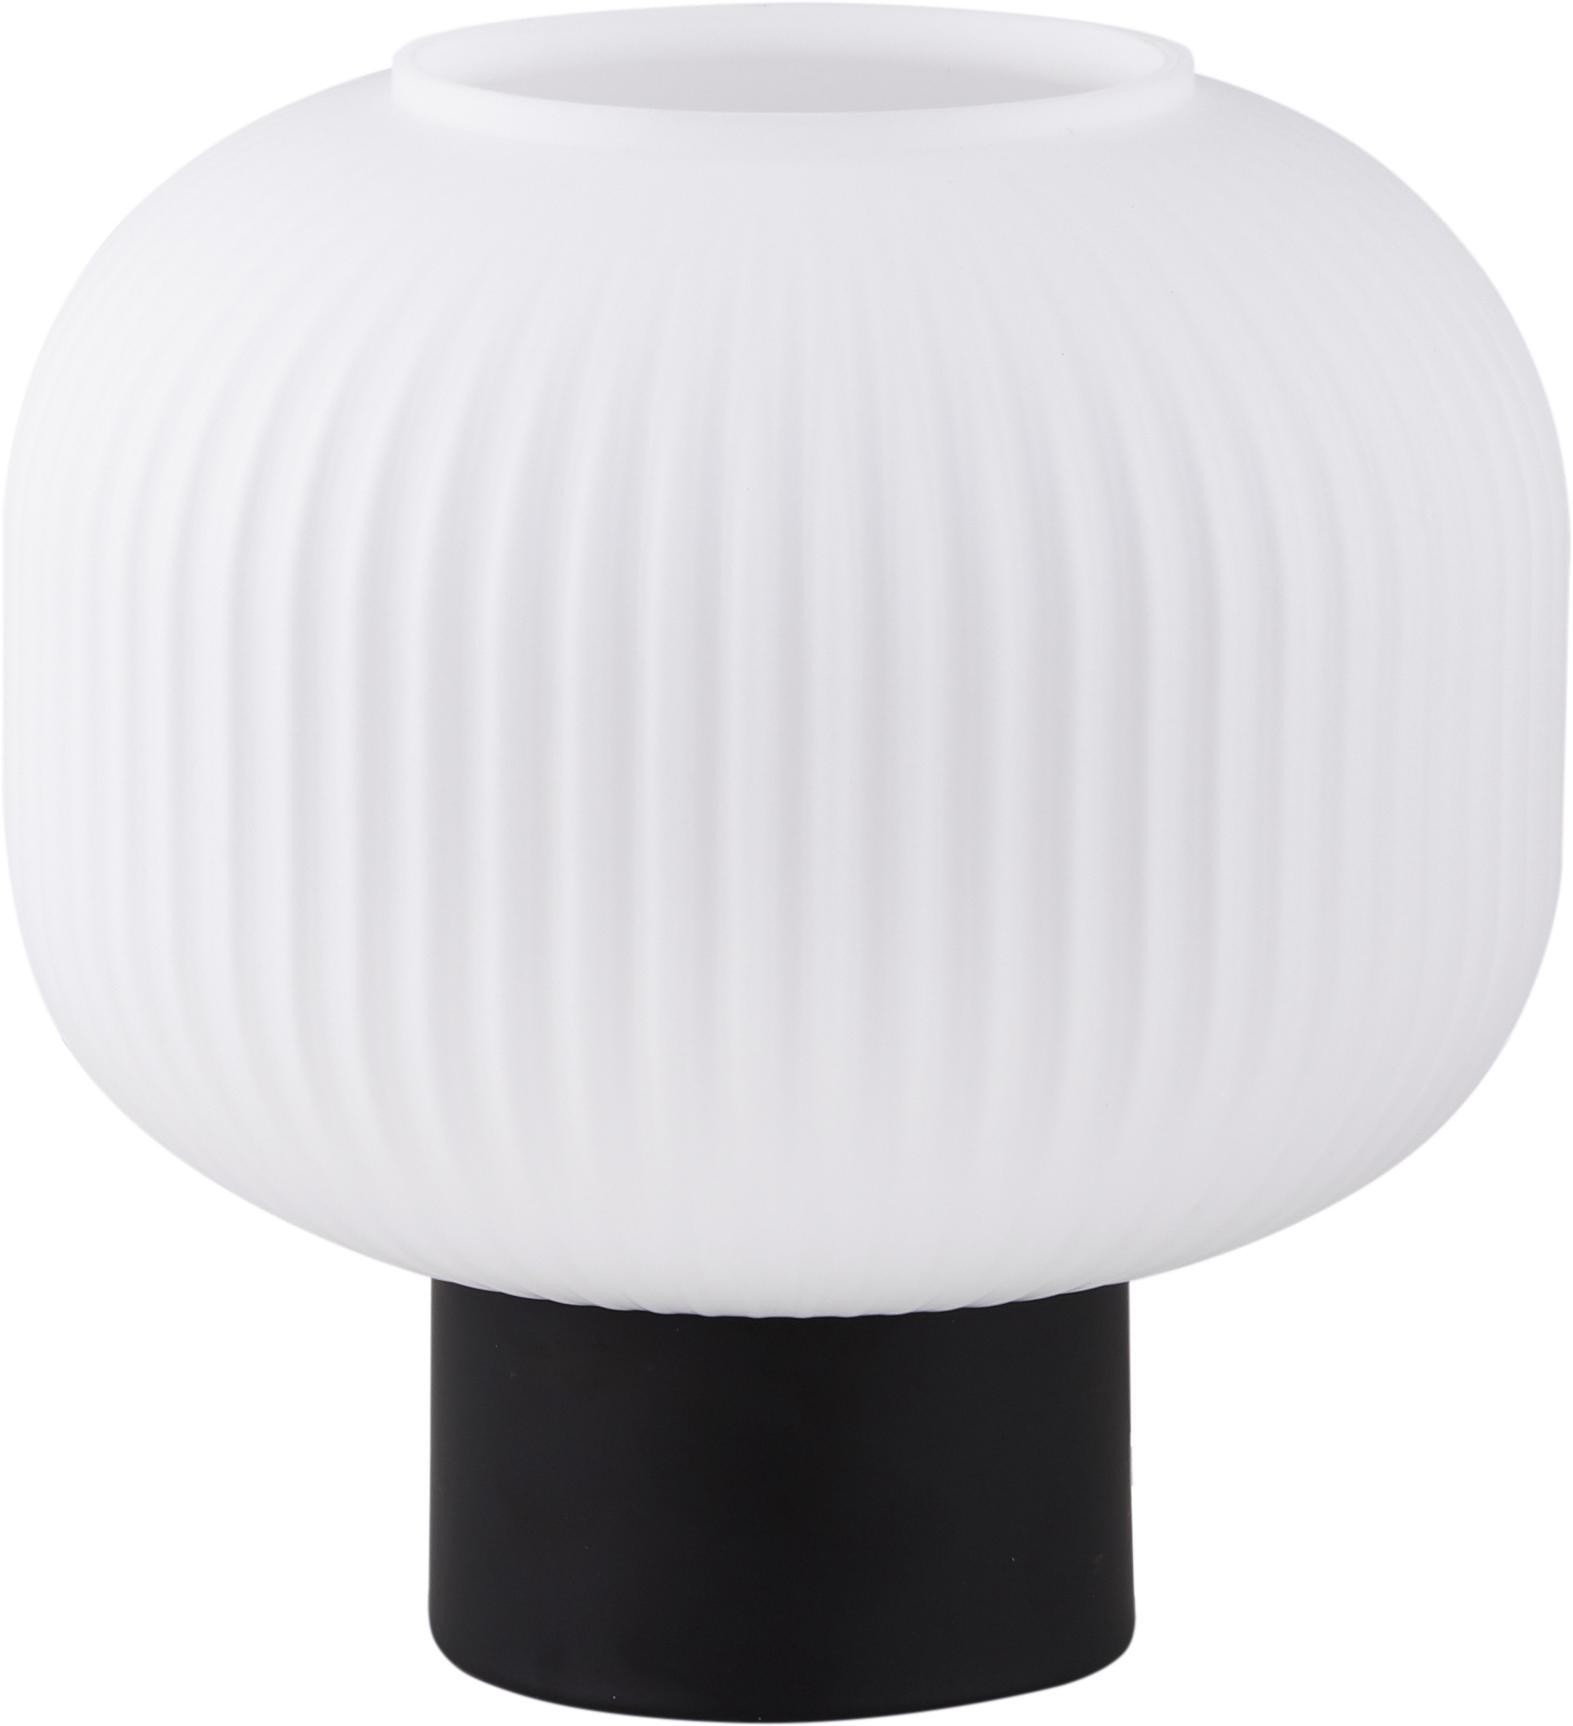 Lámpara de mesa Milford, Pantalla: vidrio opalino, Cable: cubierto en tela, Negro, blanco opalino, Ø 20 x Al 20 cm